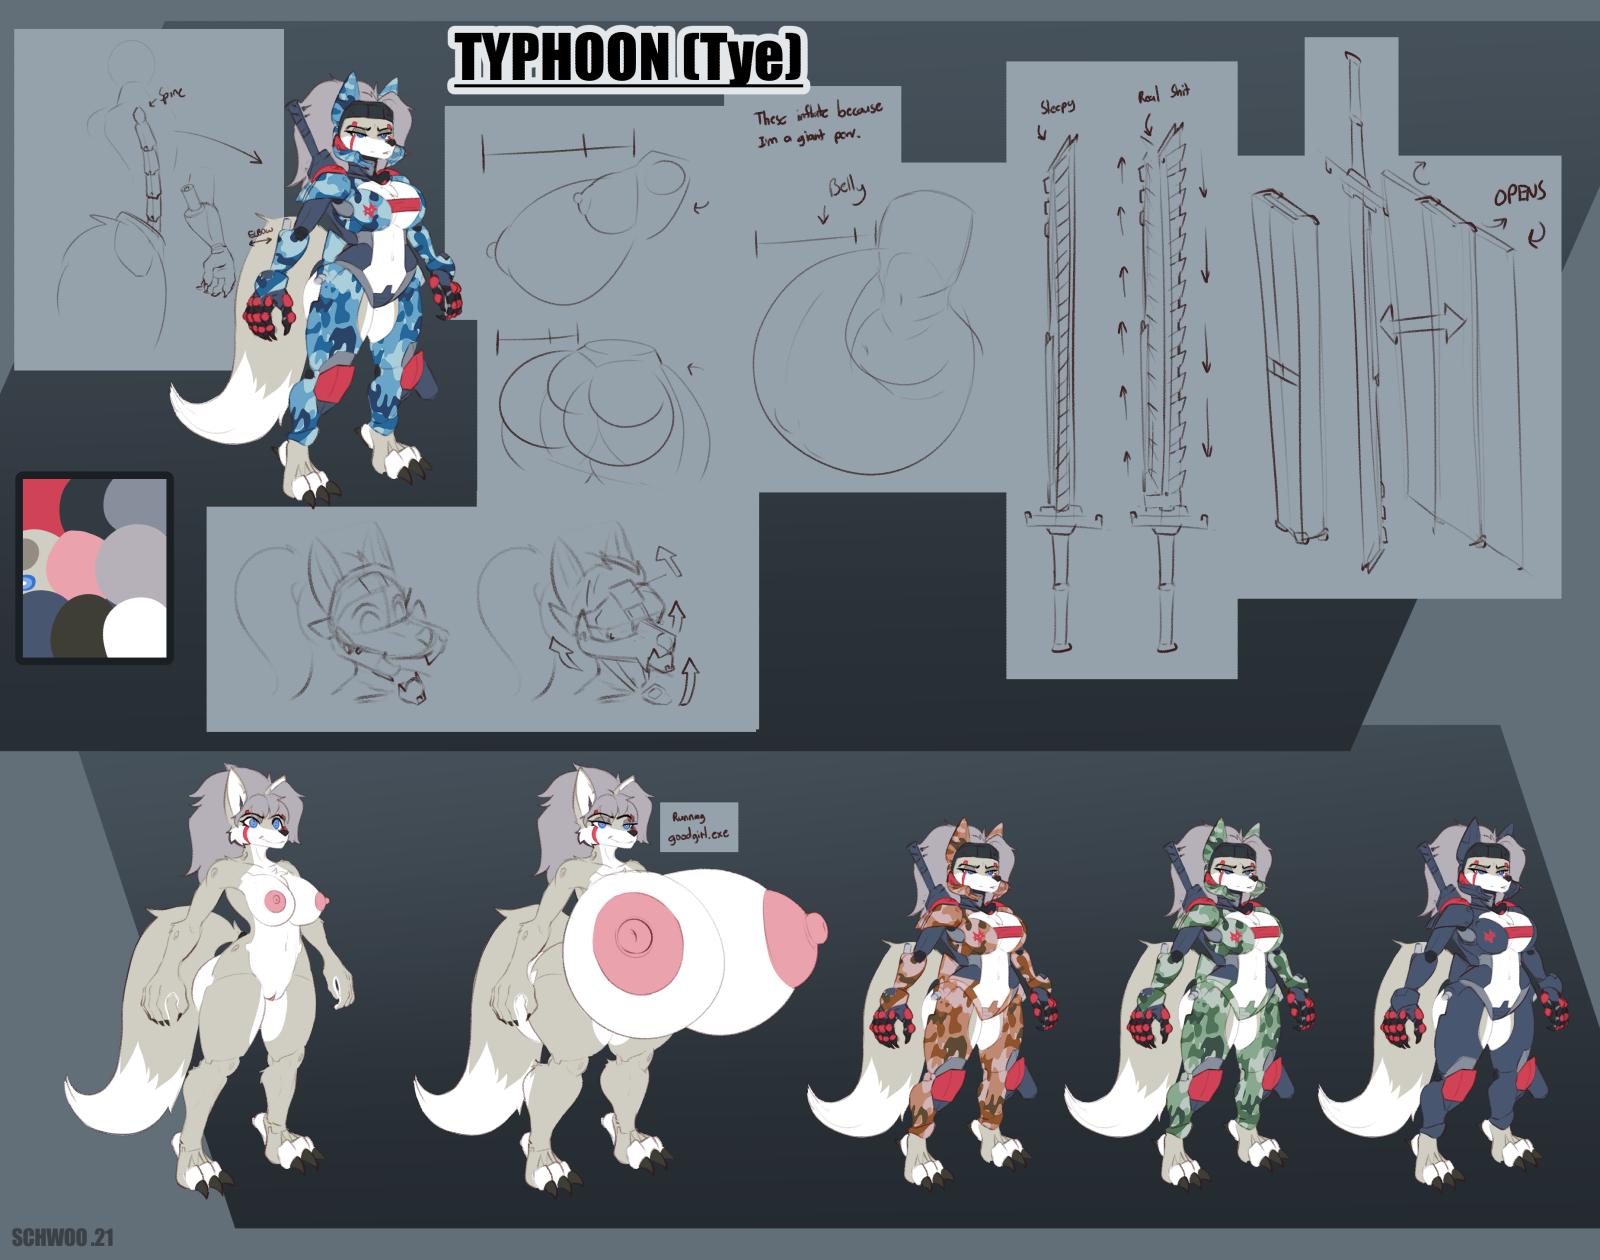 TYPHOON(Tye)